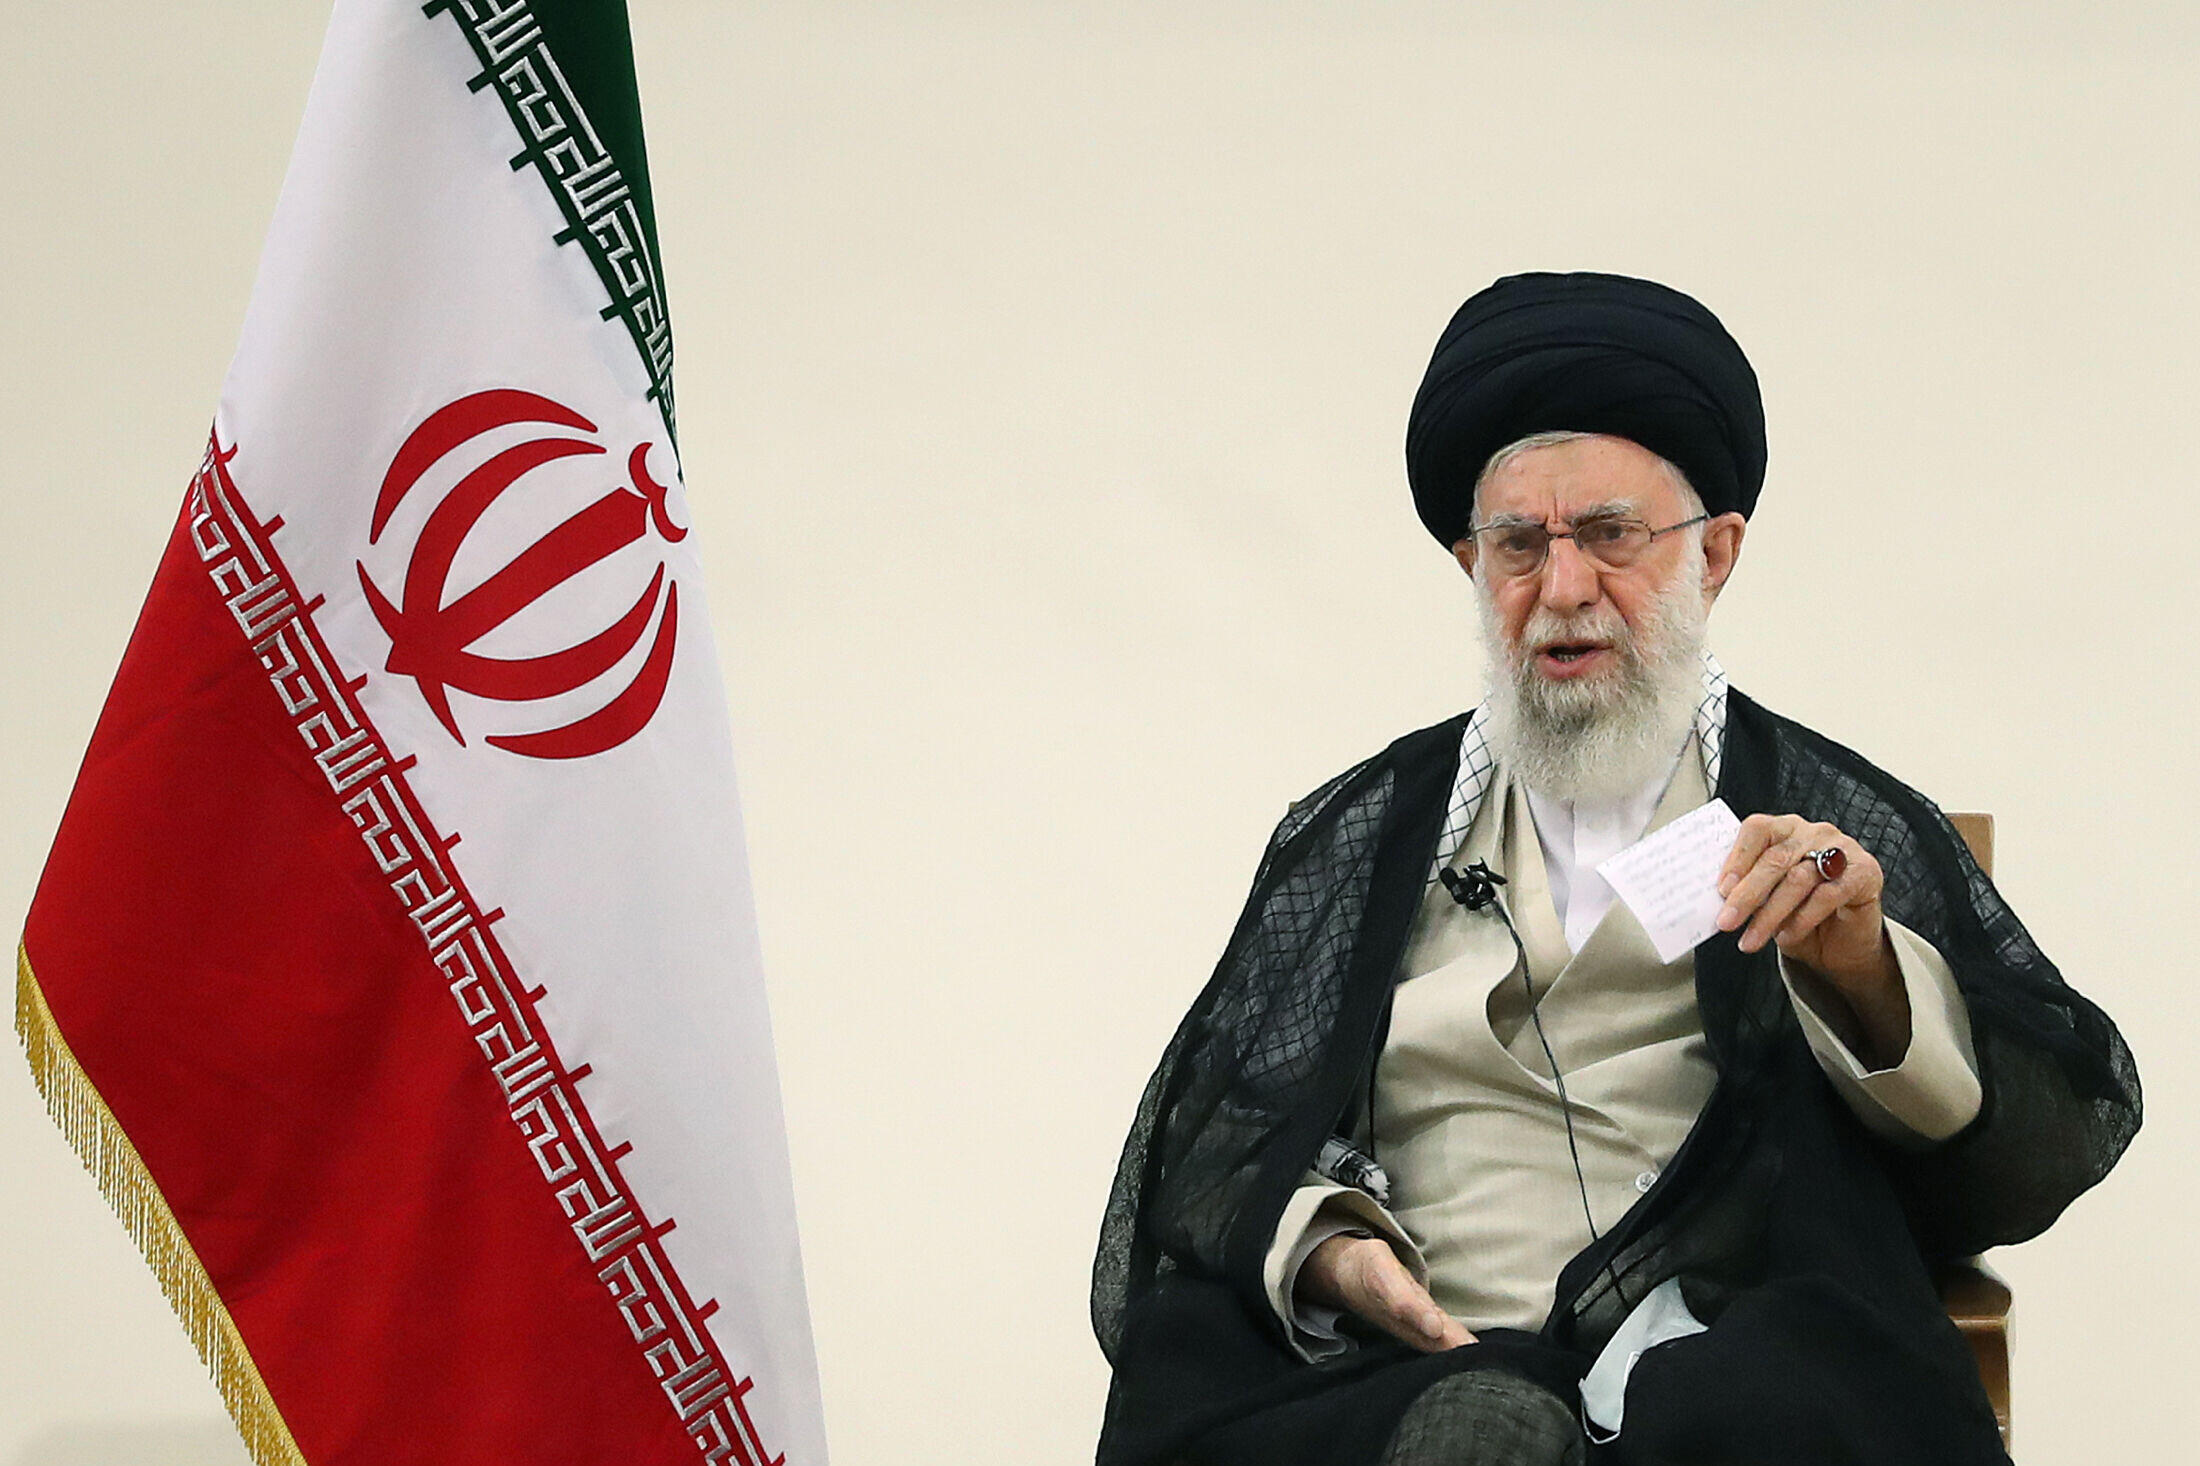 المرشد الأعلى للجمهورية الإسلامية آية الله علي خامنئي يوجه كلمة متلفزة بشأن مكافحة كوفيد-19 في إيران، في 11 آب/أغسطس 2021.